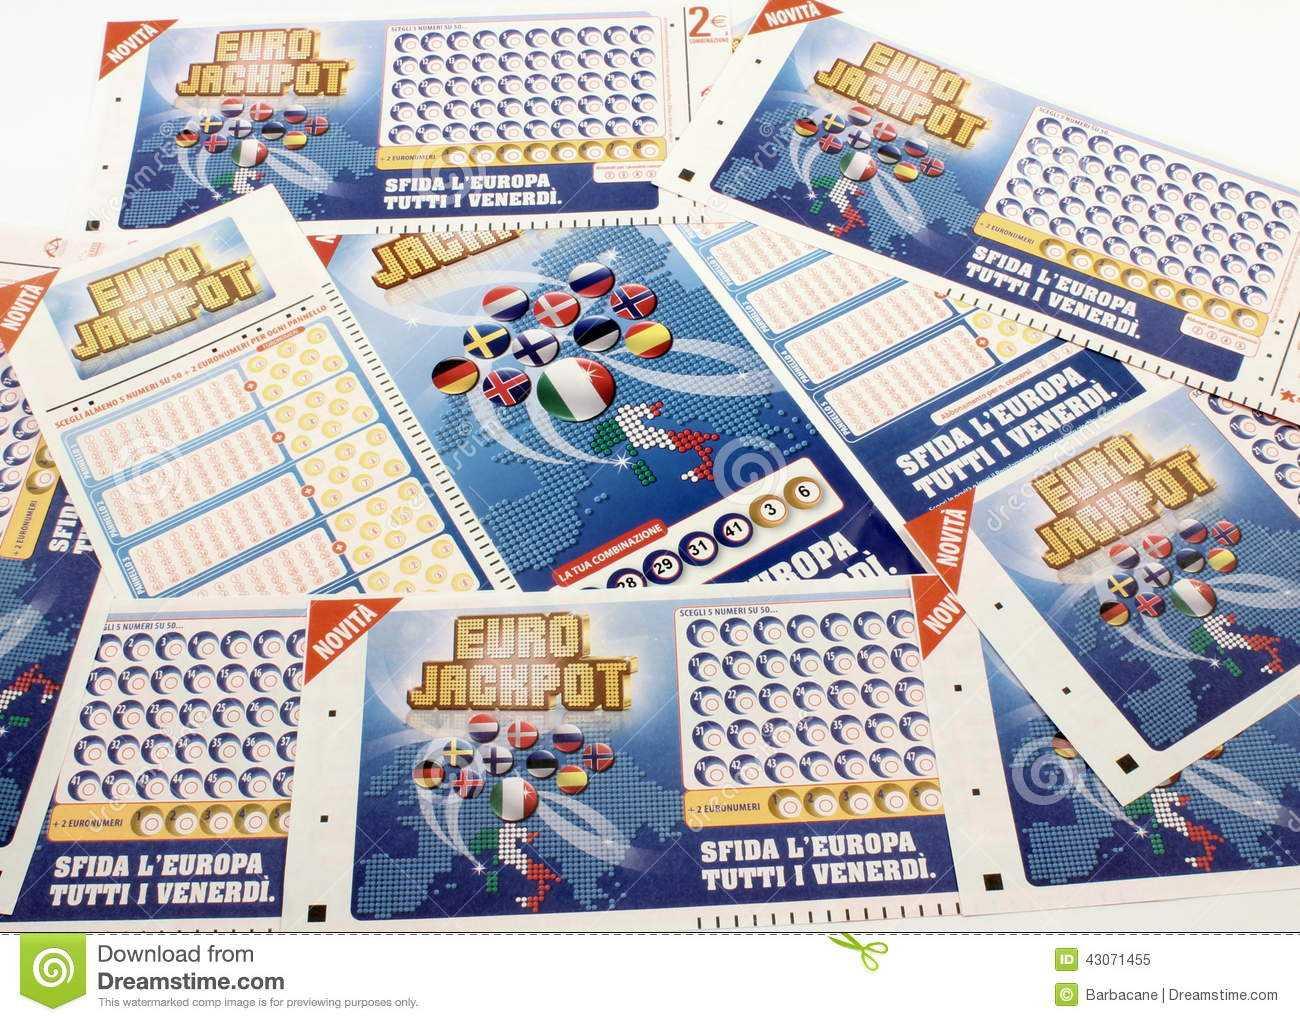 Oz Lotto australsk lotteri - regler + instruksjon: hvordan kjøpe billett fra Russland